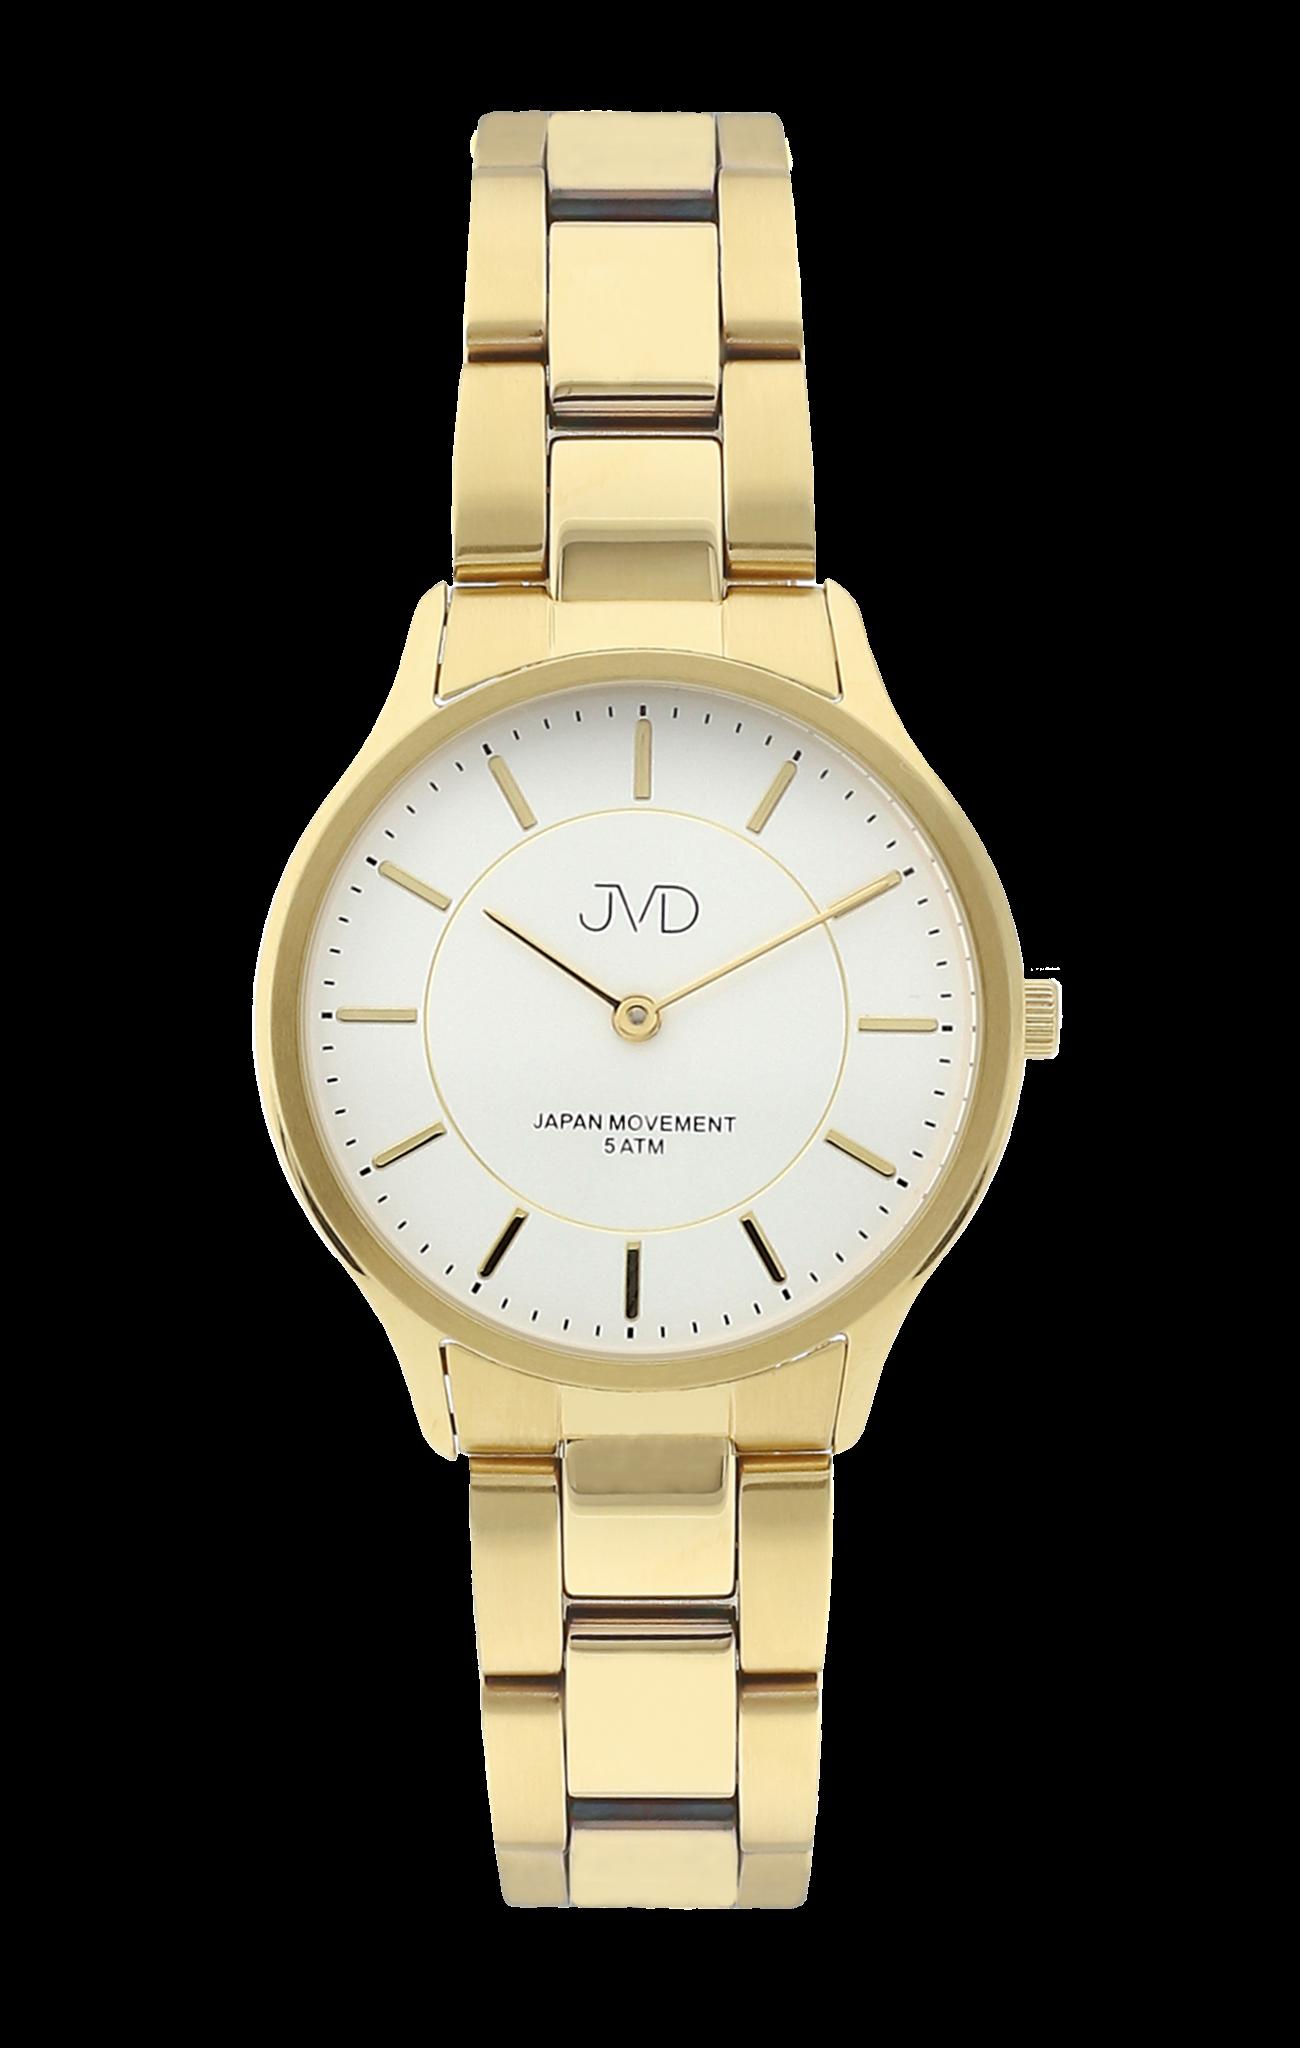 Dámské ocelové voděodolné náramkové hodinky JVD J4168.3 780a86e0f4a